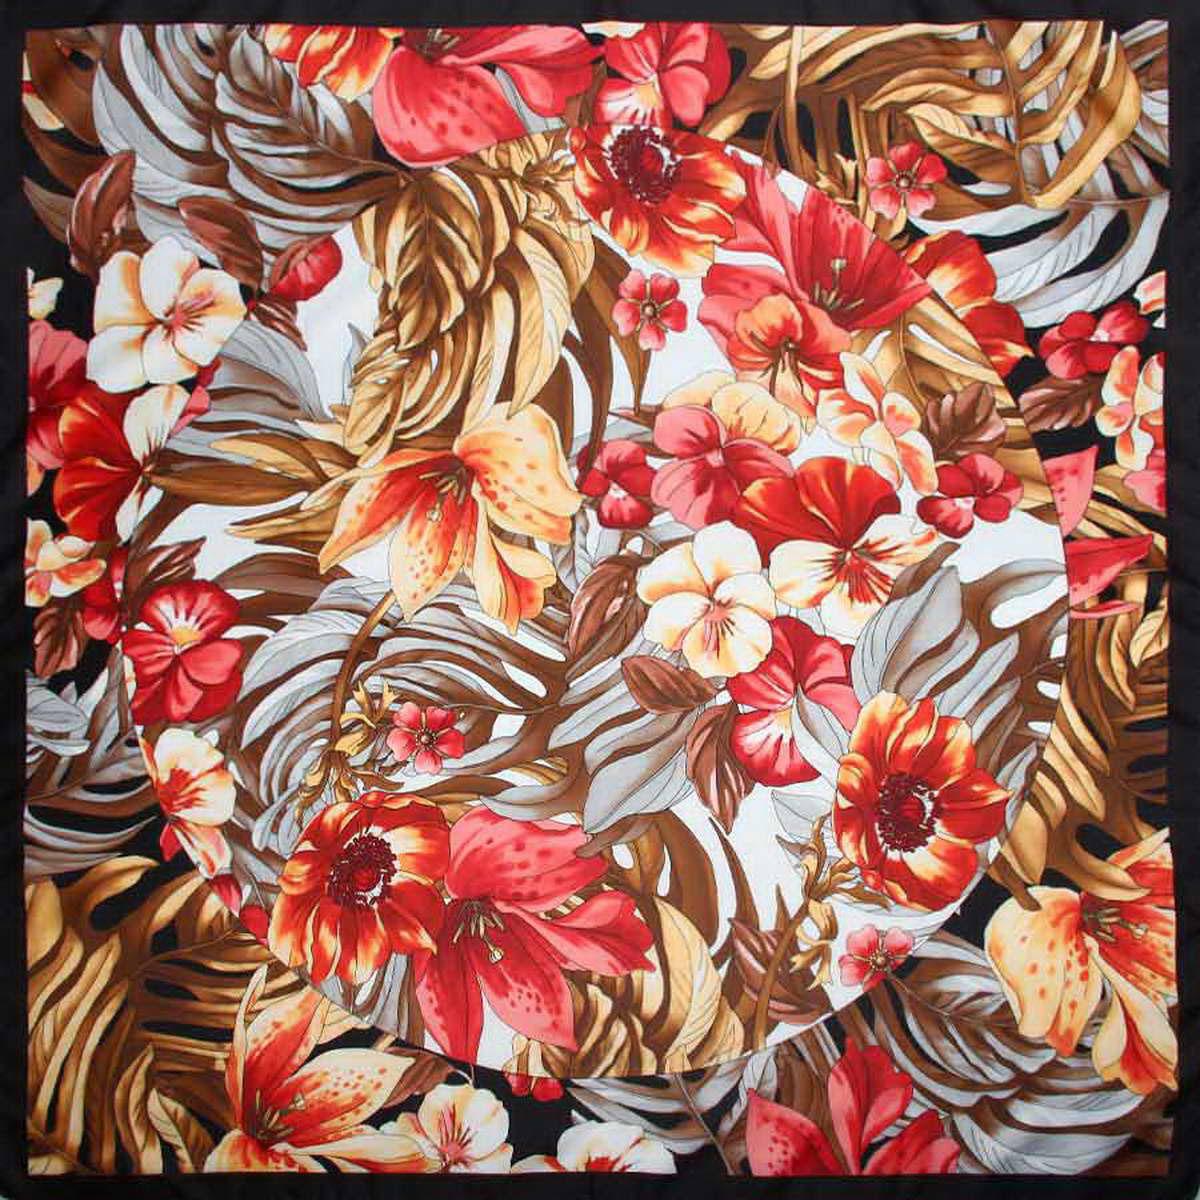 3904972-12Стильный женский платок Venera станет великолепным завершением любого наряда. Платок, изготовленный из полиэстера, оформлен цветочный принтом. Классическая квадратная форма позволяет носить платок на шее, украшать им прическу или декорировать сумочку. Легкий и приятный на ощупь платок поможет вам создать изысканный женственный образ. Такой платок превосходно дополнит любой наряд и подчеркнет ваш неповторимый вкус и элегантность.